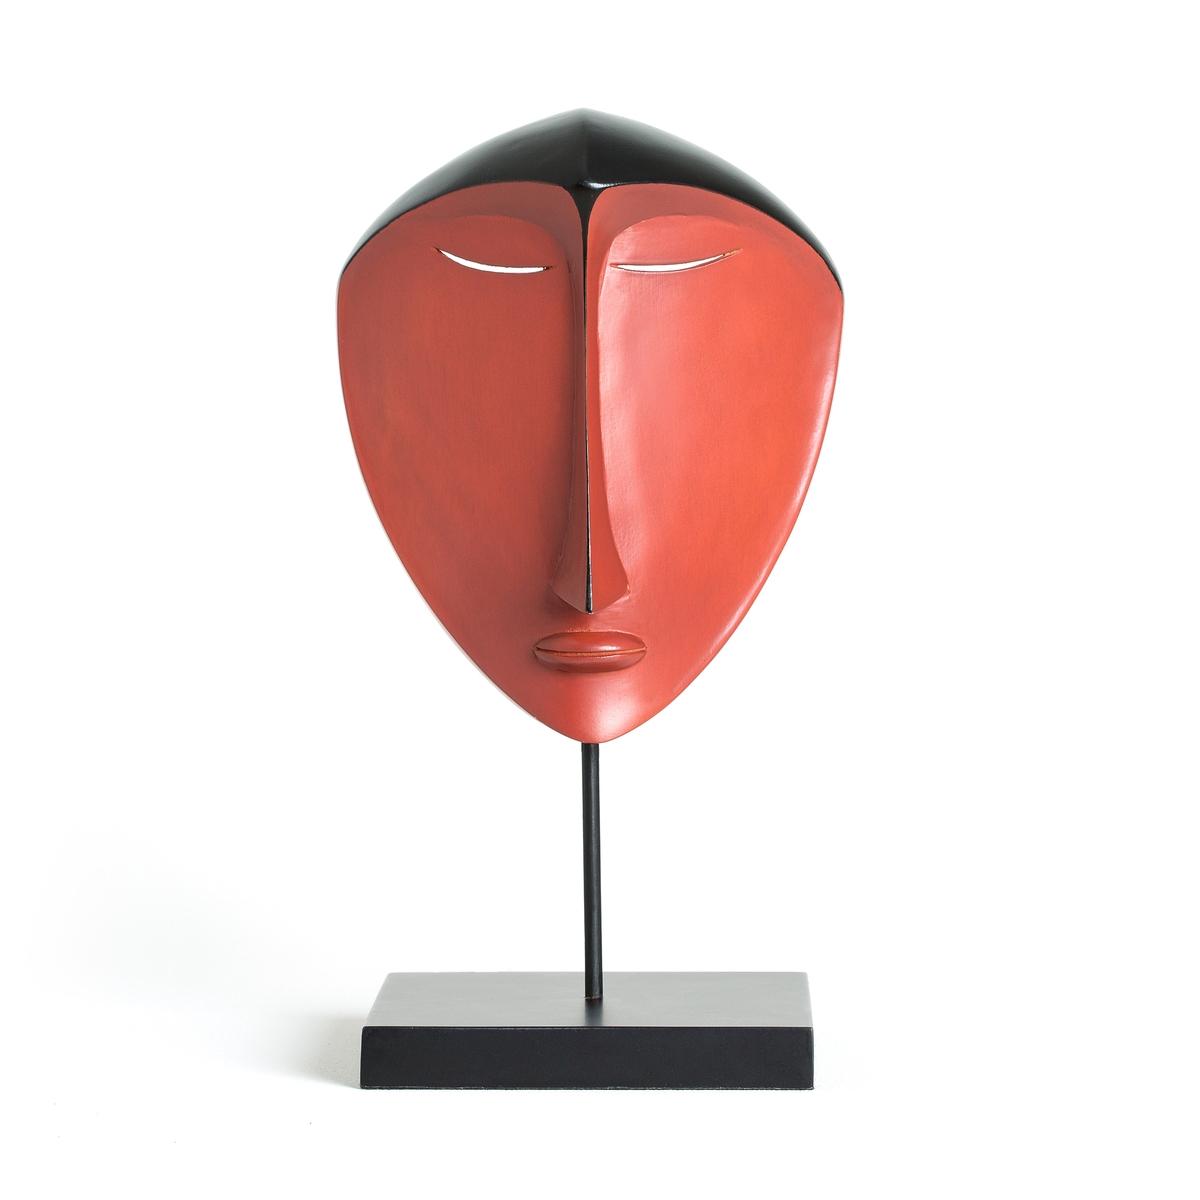 Маска в африканском стиле, NyalaМаска в африканском стиле Nyala . Невероятно стильная маска в африканском стиле Nyala принесет аутентичность и загадочность в ваш интерьер . Описание африканской маски Nyala :Дерево Дьяола (Alstonia scholaris) с резным рисунком  .Отделка под терракоту .Найдите всю нашу коллекцию предметов декора Nyala на сайте laredoute .ruРазмеры африканской маски Nyala :Ширина : 20 смВысота : 32 смГлубина : 18 см.<br><br>Цвет: терракота